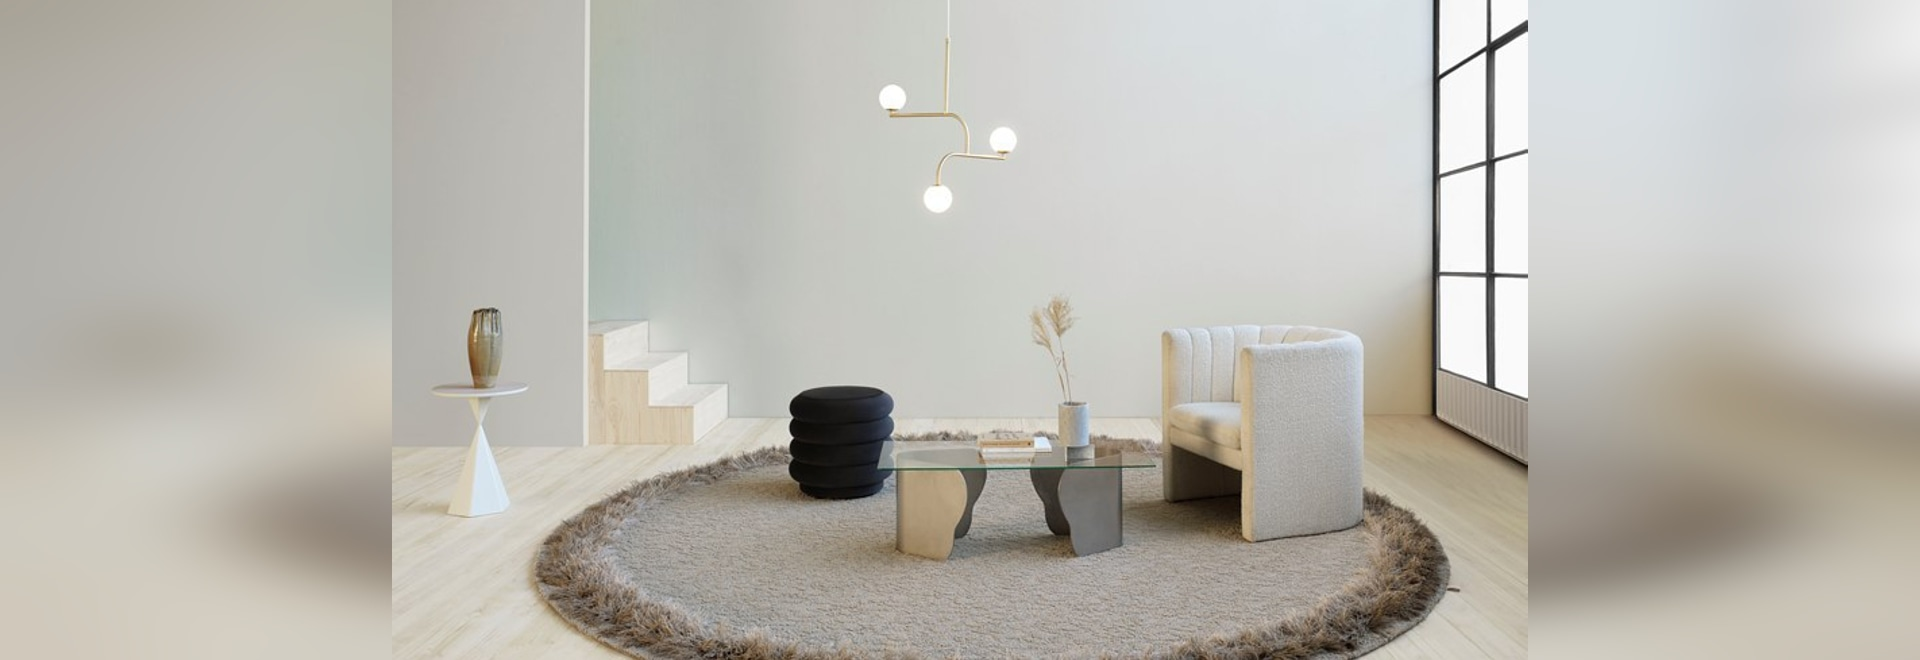 La plume par le studio de conception de Kasthall a une frange espiègle inspirée par les années 70